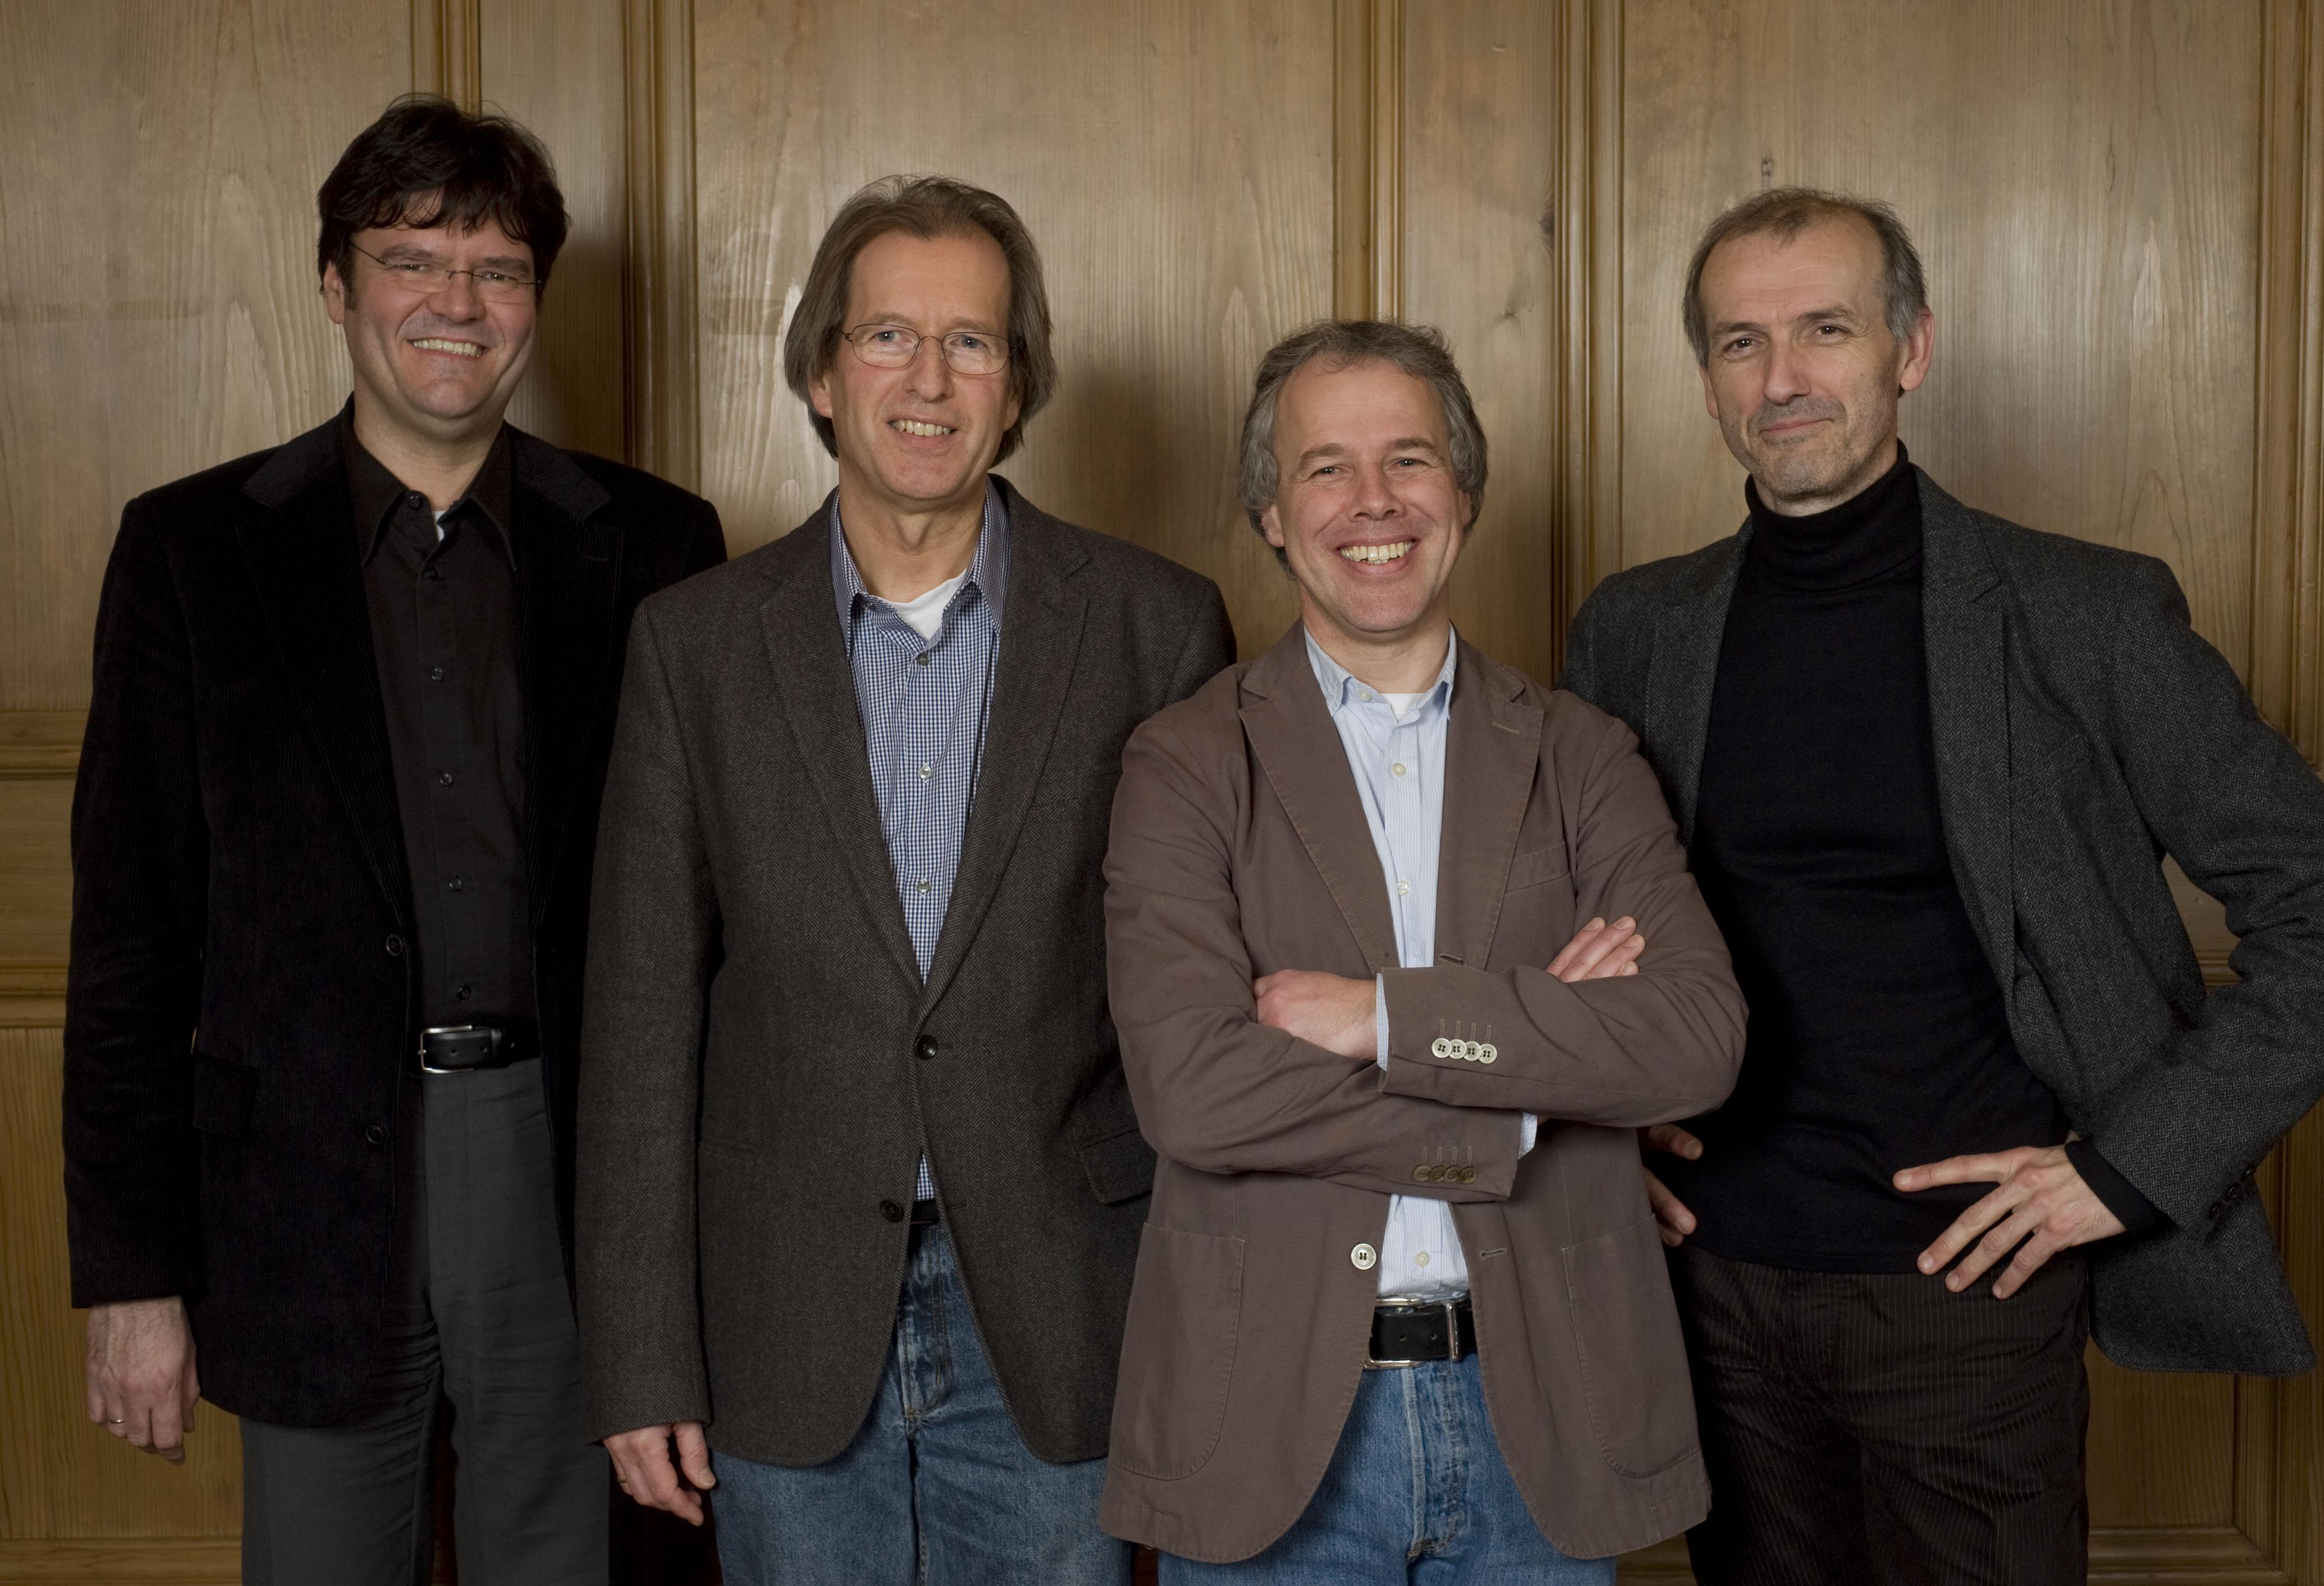 Juroren Rahn Musikpreis 2010 vlnr.: Stefan Wagner, Gunter Teuffel, Frank Sanderell, Roel Dieltiens